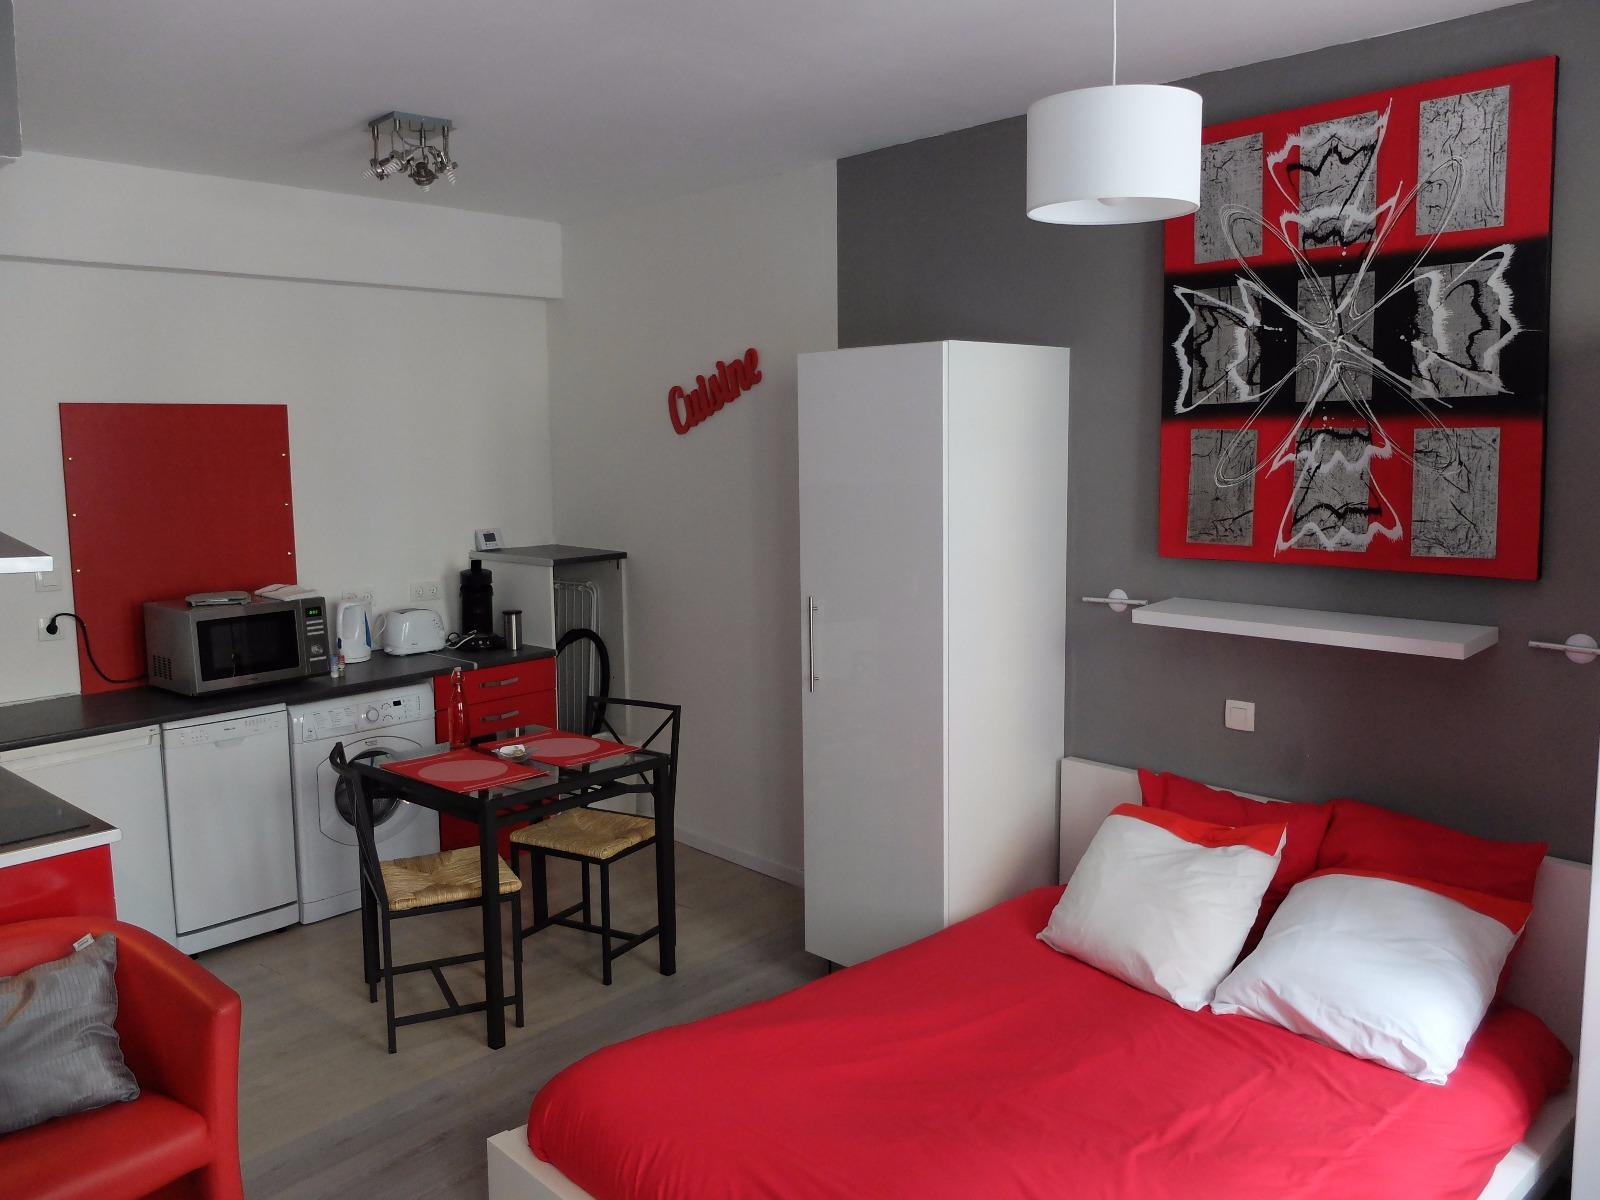 meubles pau top decorateur interieur pau peinture interieure formation with meubles pau cheap. Black Bedroom Furniture Sets. Home Design Ideas